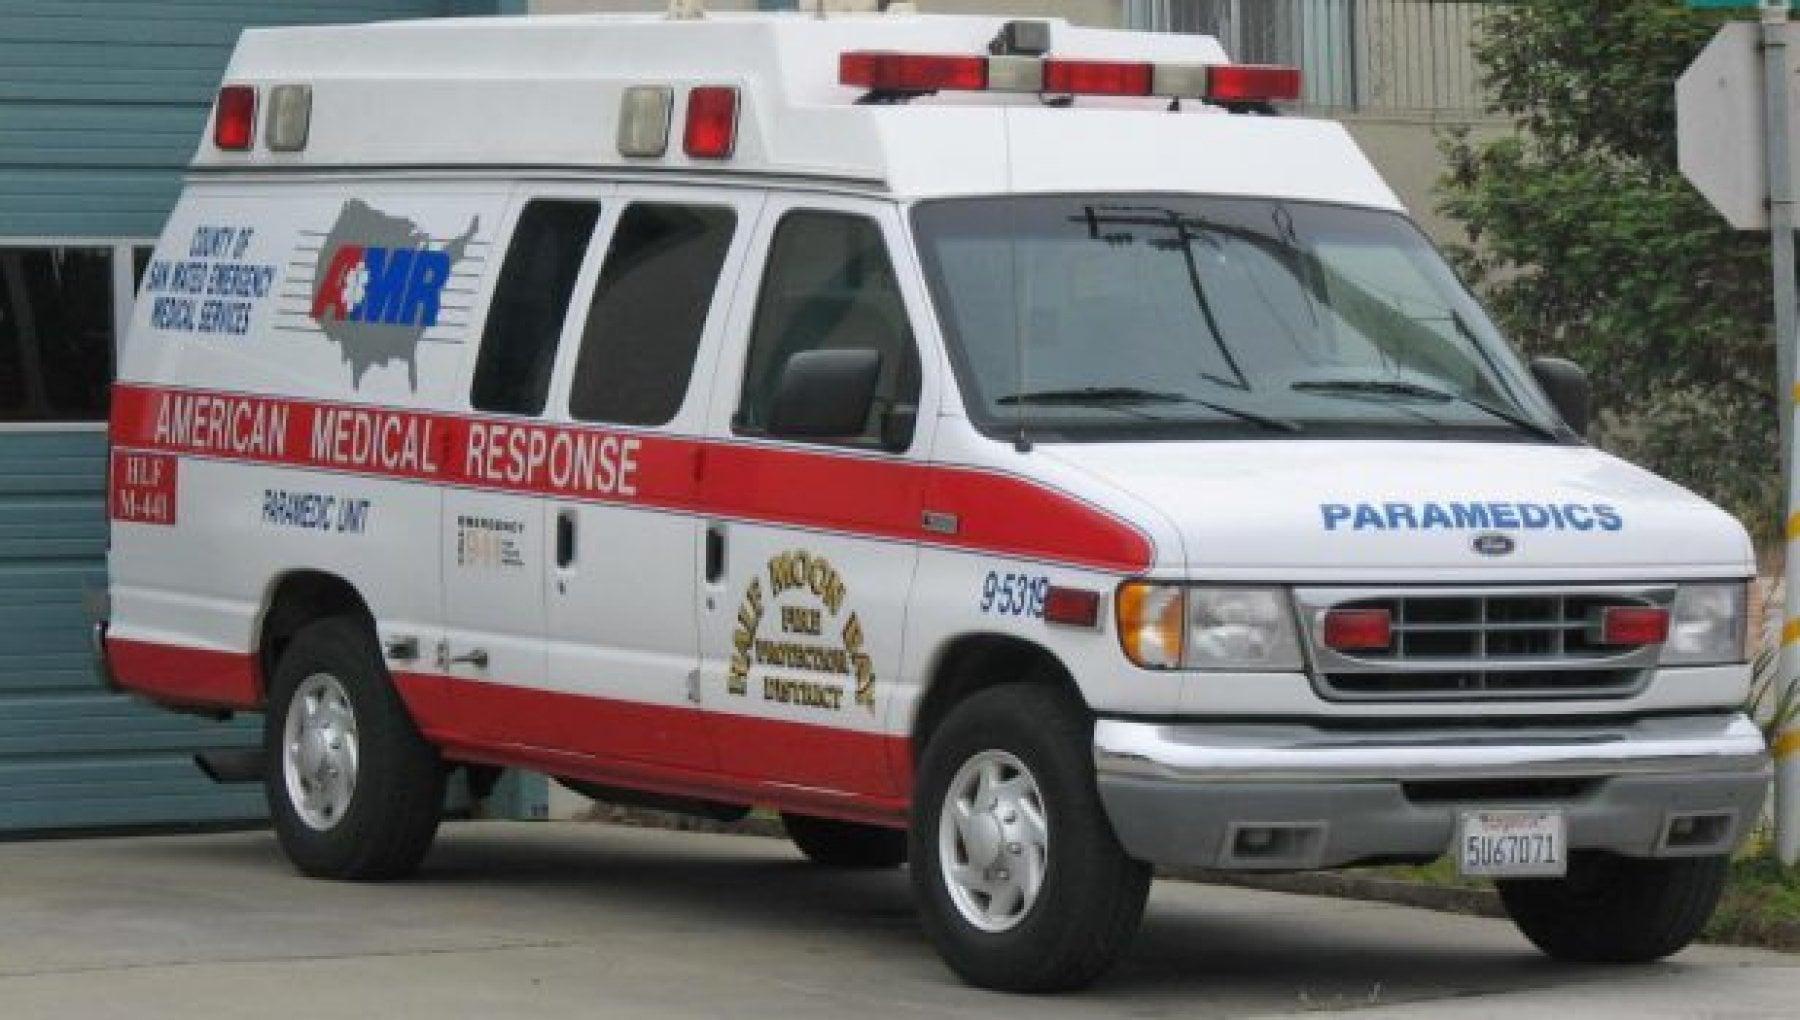 022044183 bbe7f6b0 b85c 4abe 8b5d d1f772b1a565 - Texas: bambino di 2 anni trova la pistola di un parente e si uccide